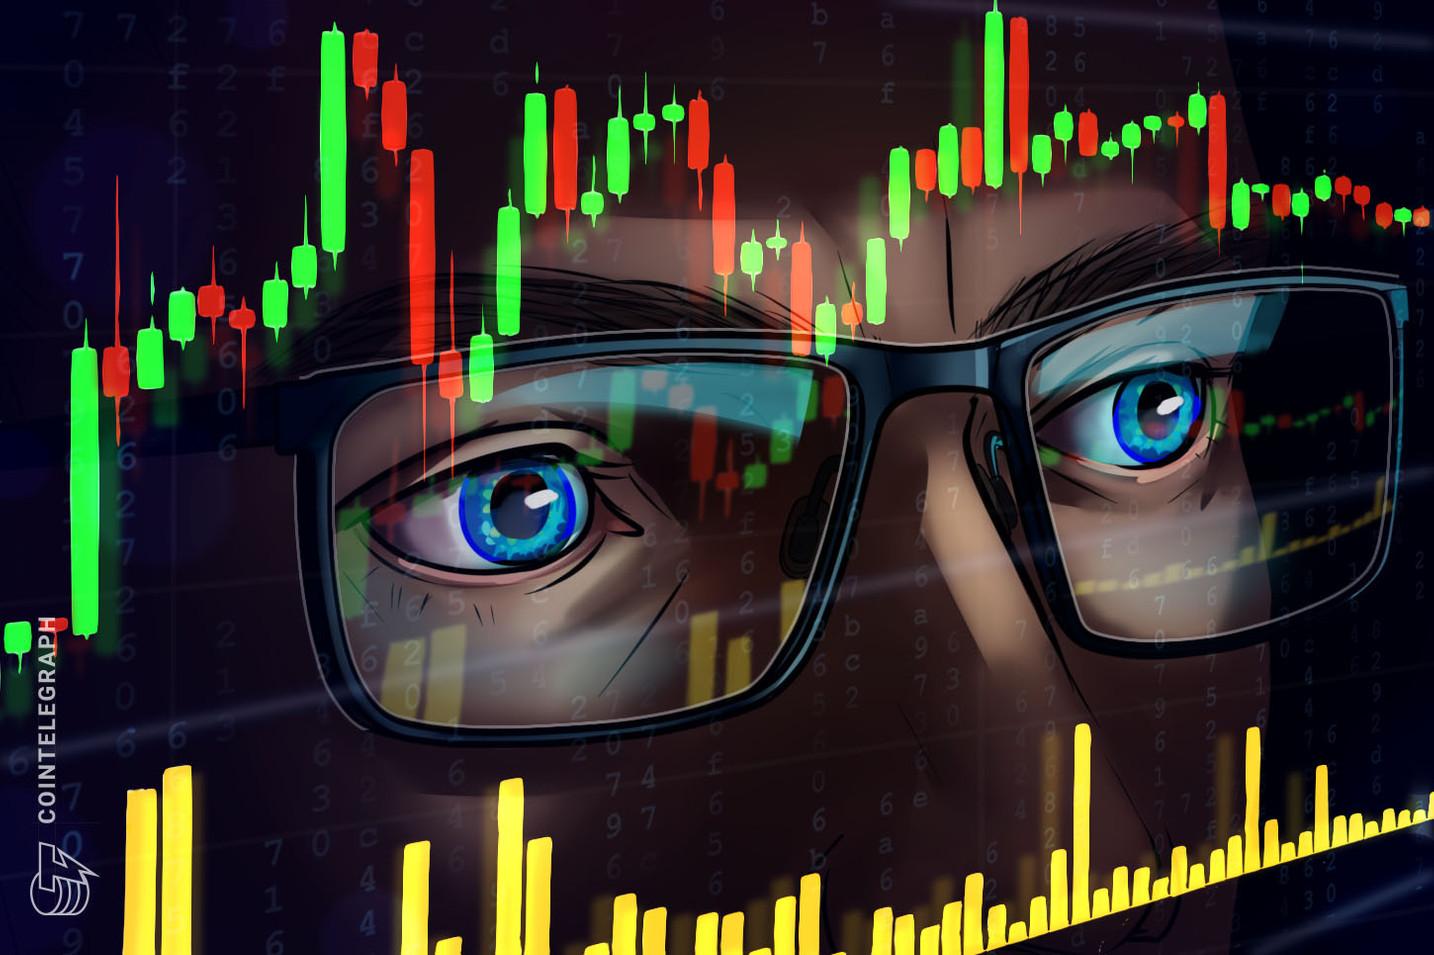 Ethereum busca llegar a los $2,200 antes del vencimiento de las opciones de ETH de $230 millones del viernes